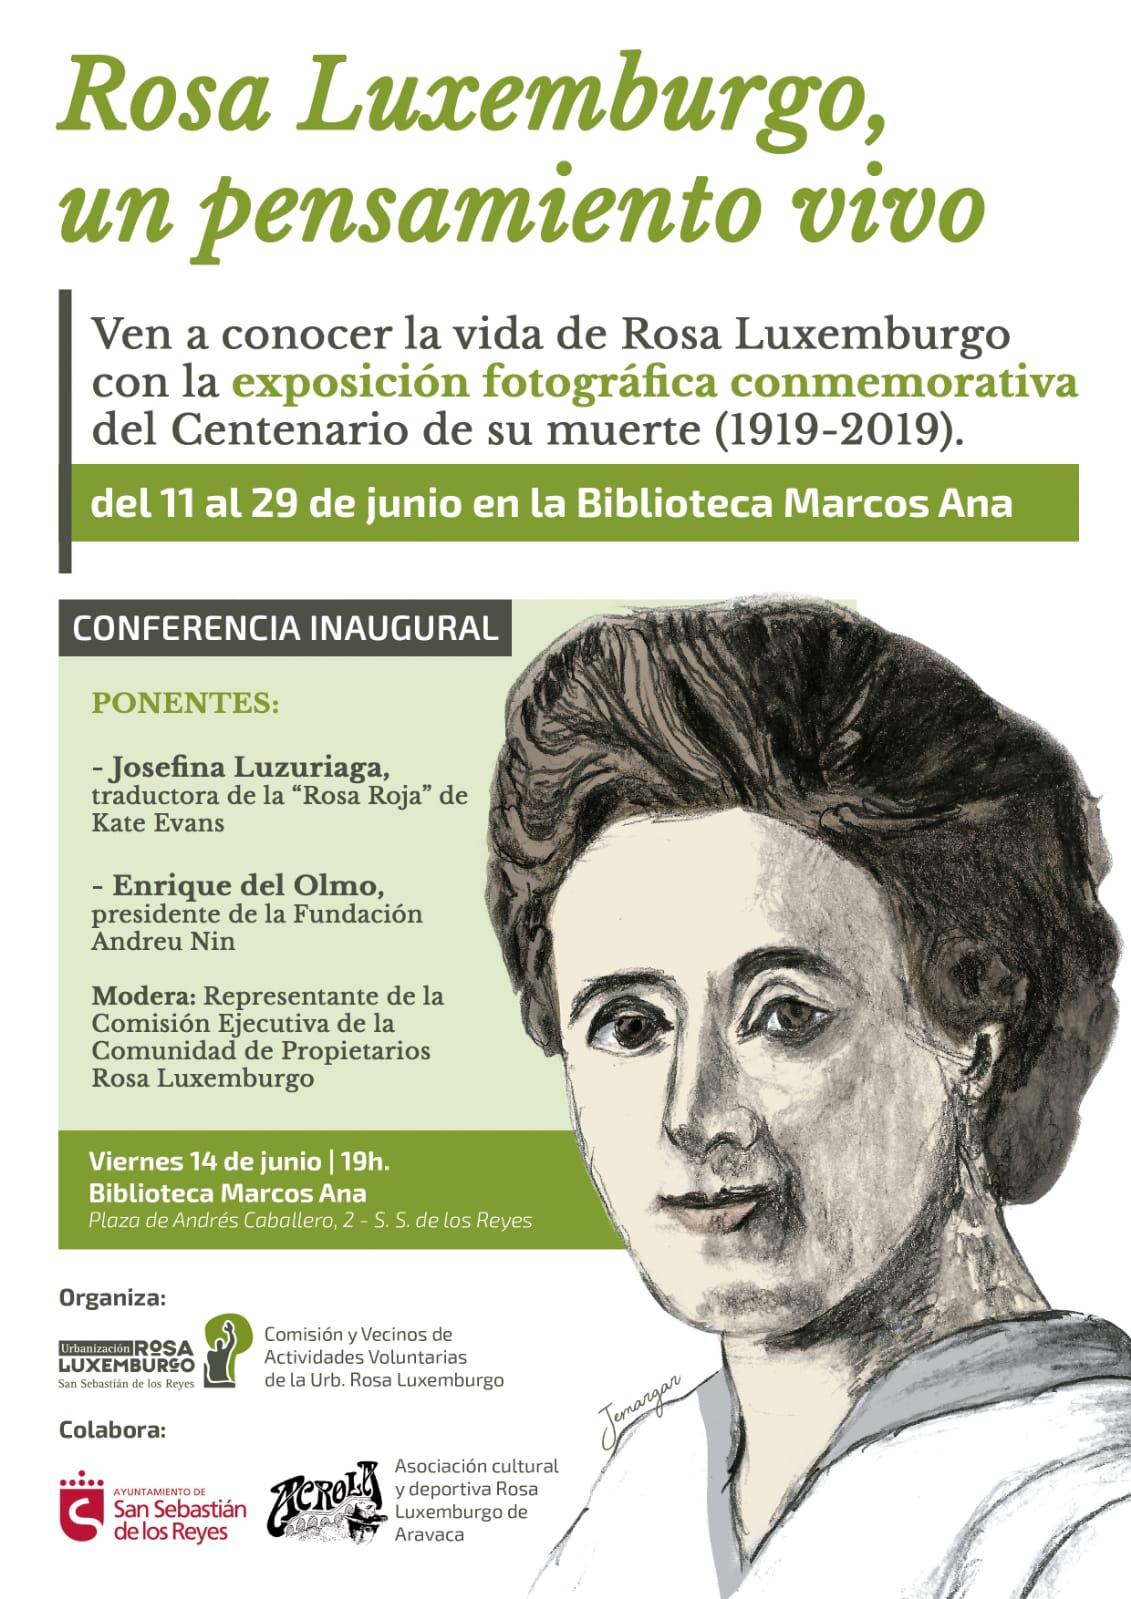 Homenaje a Rosa y a Karl. Enrique del Olmo. 2009